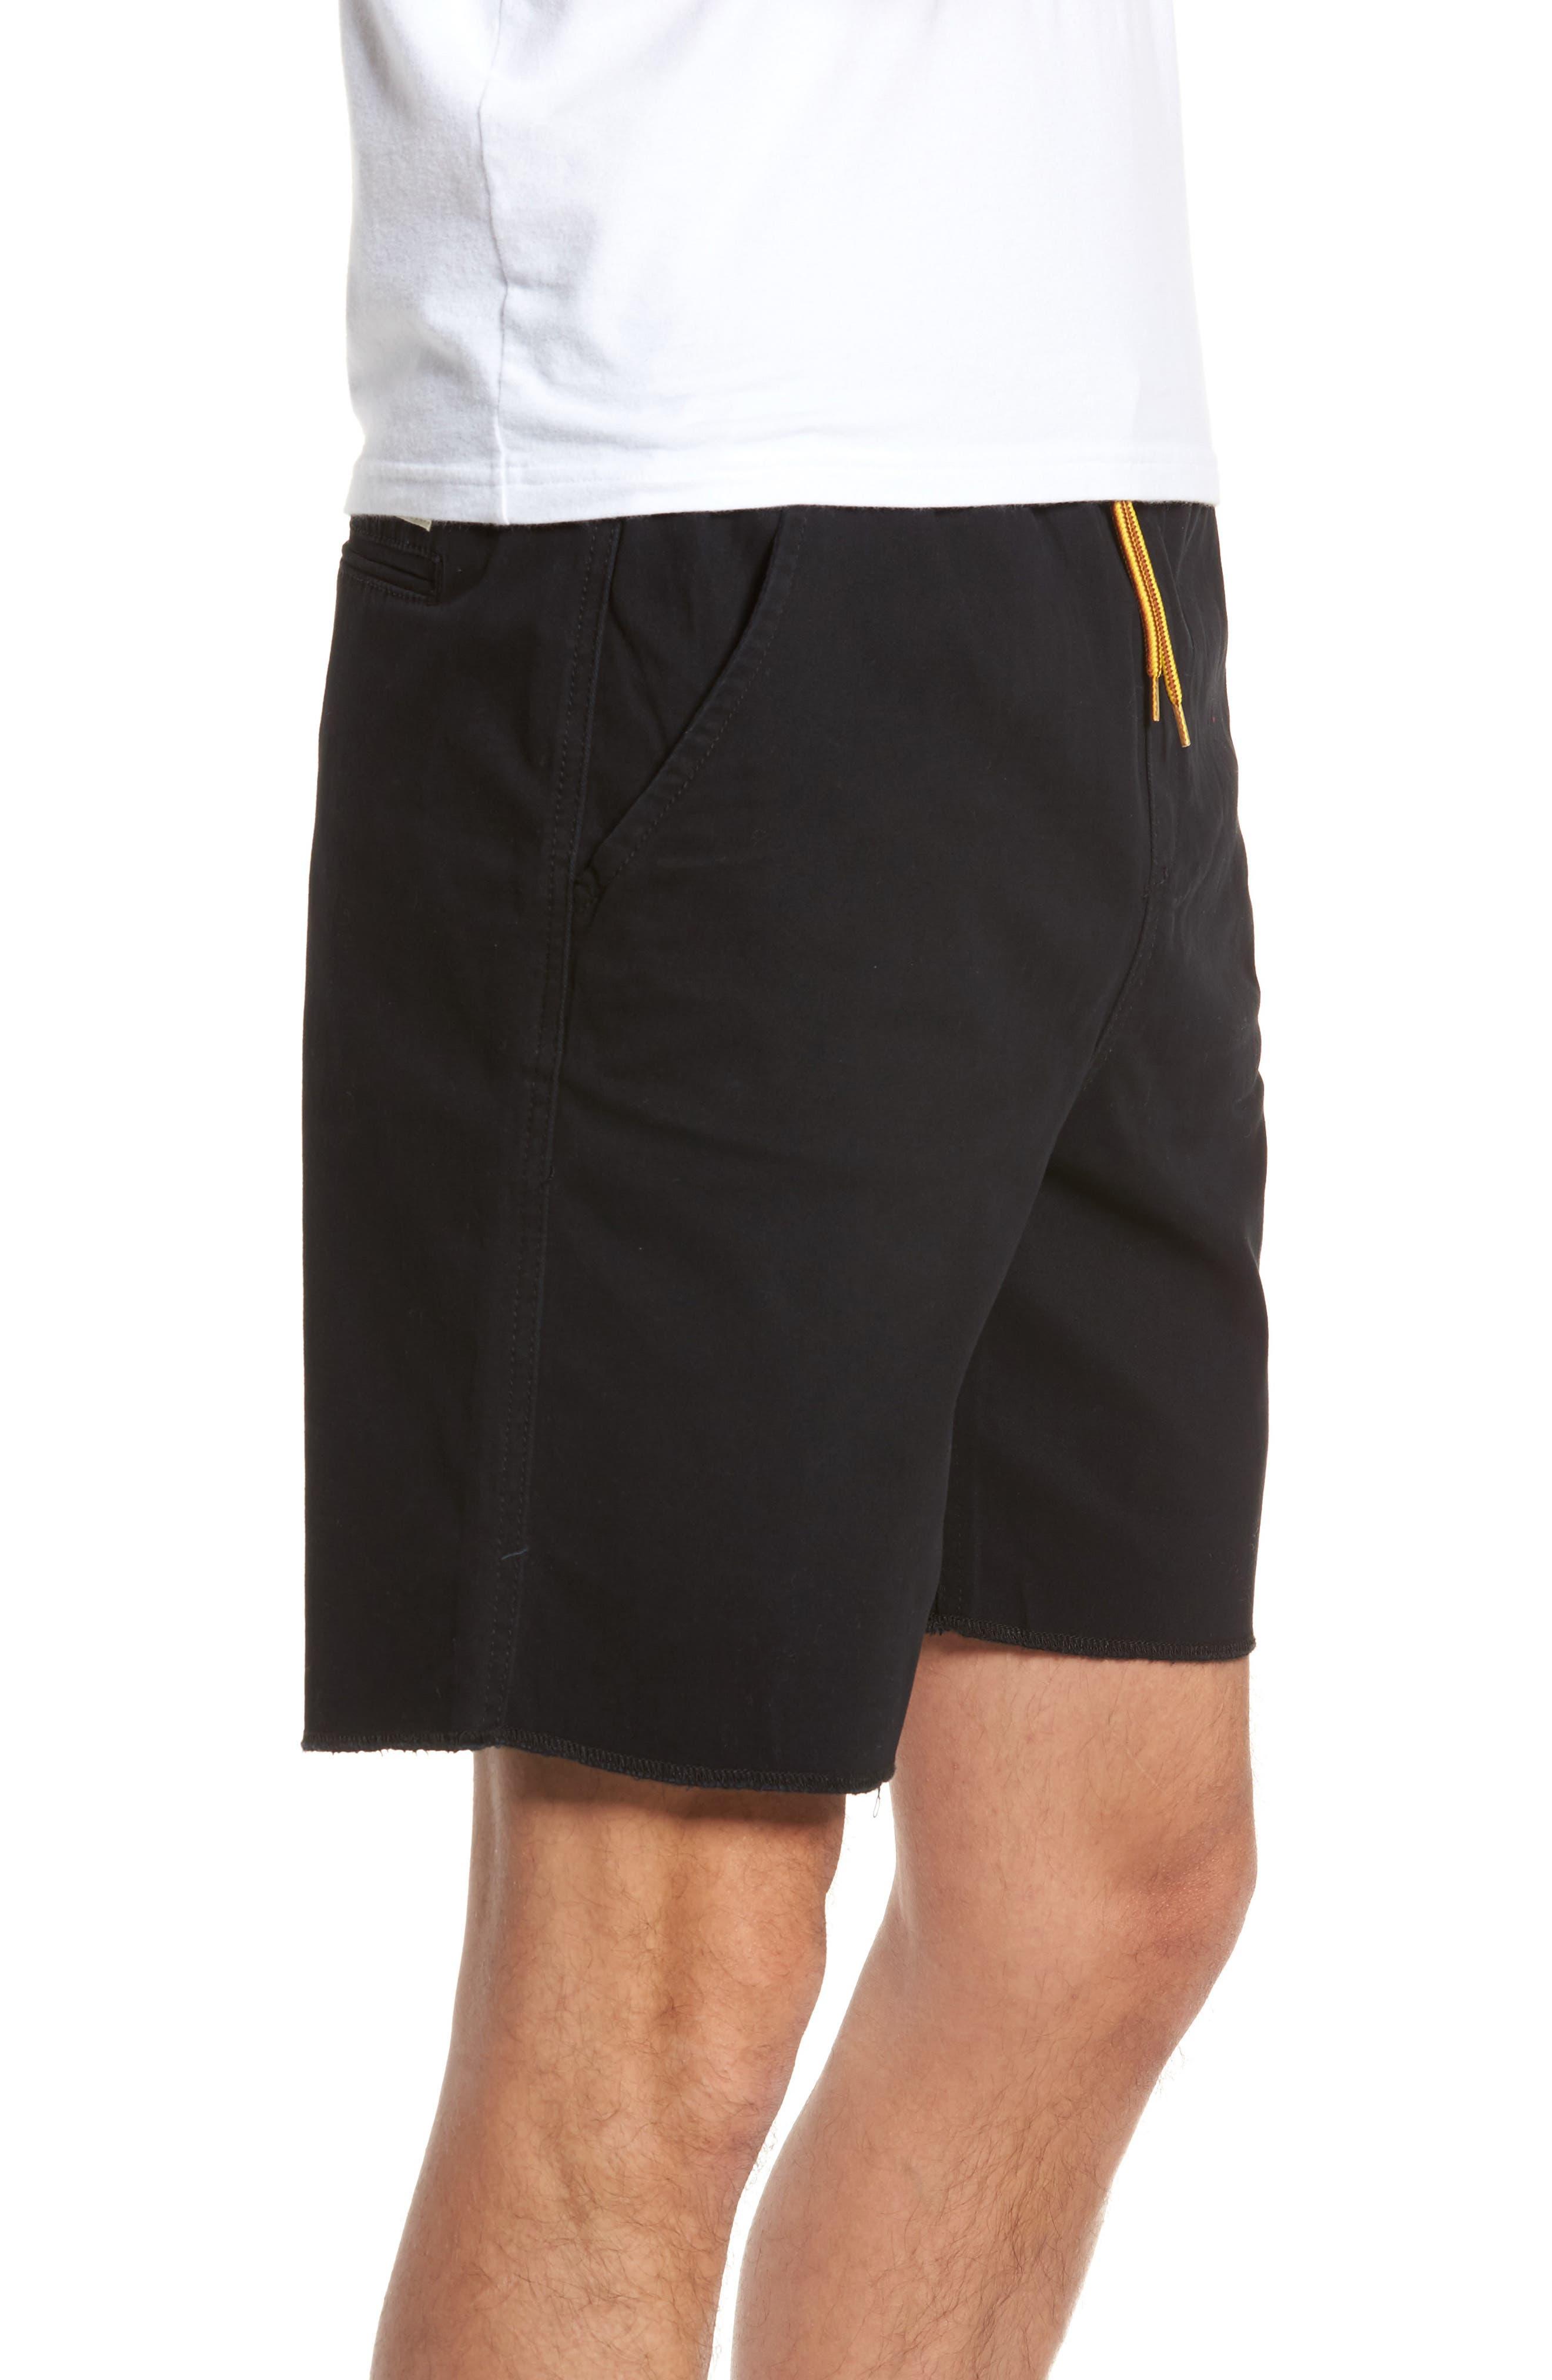 LIRA CLOTHING,                             Weekday Shorts,                             Alternate thumbnail 3, color,                             001